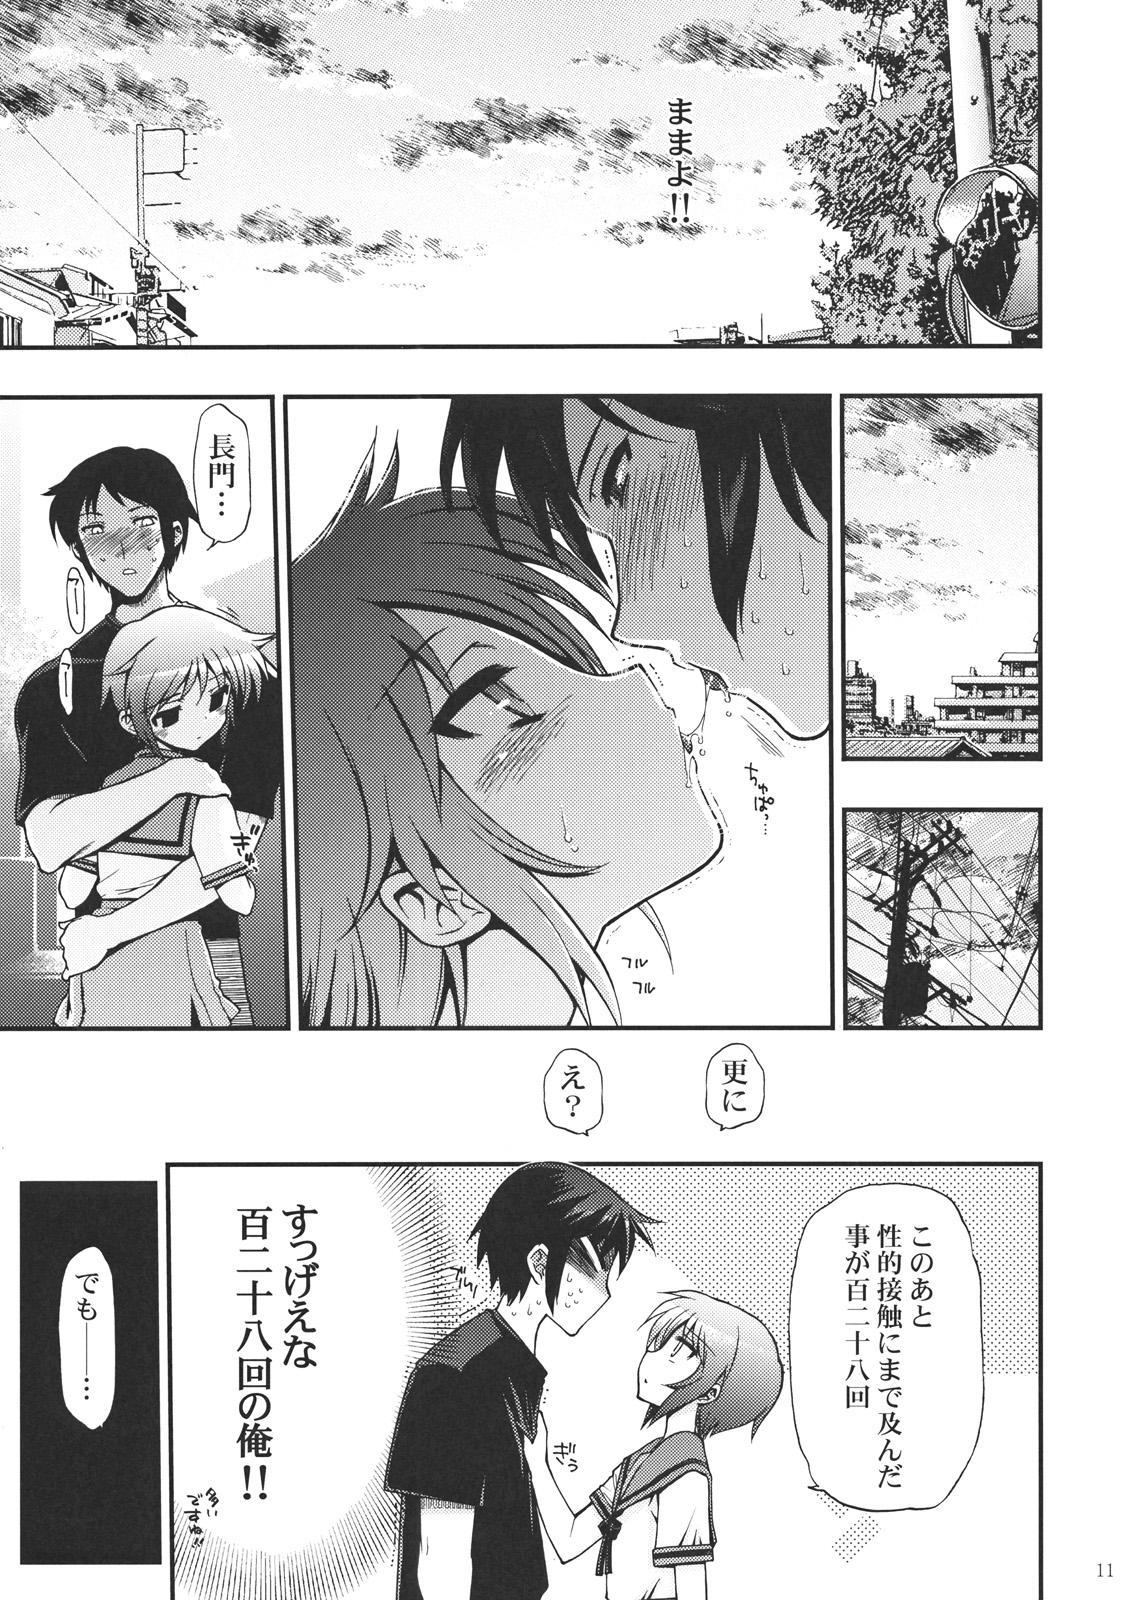 15513 Kaime no Nagato Yuki 9